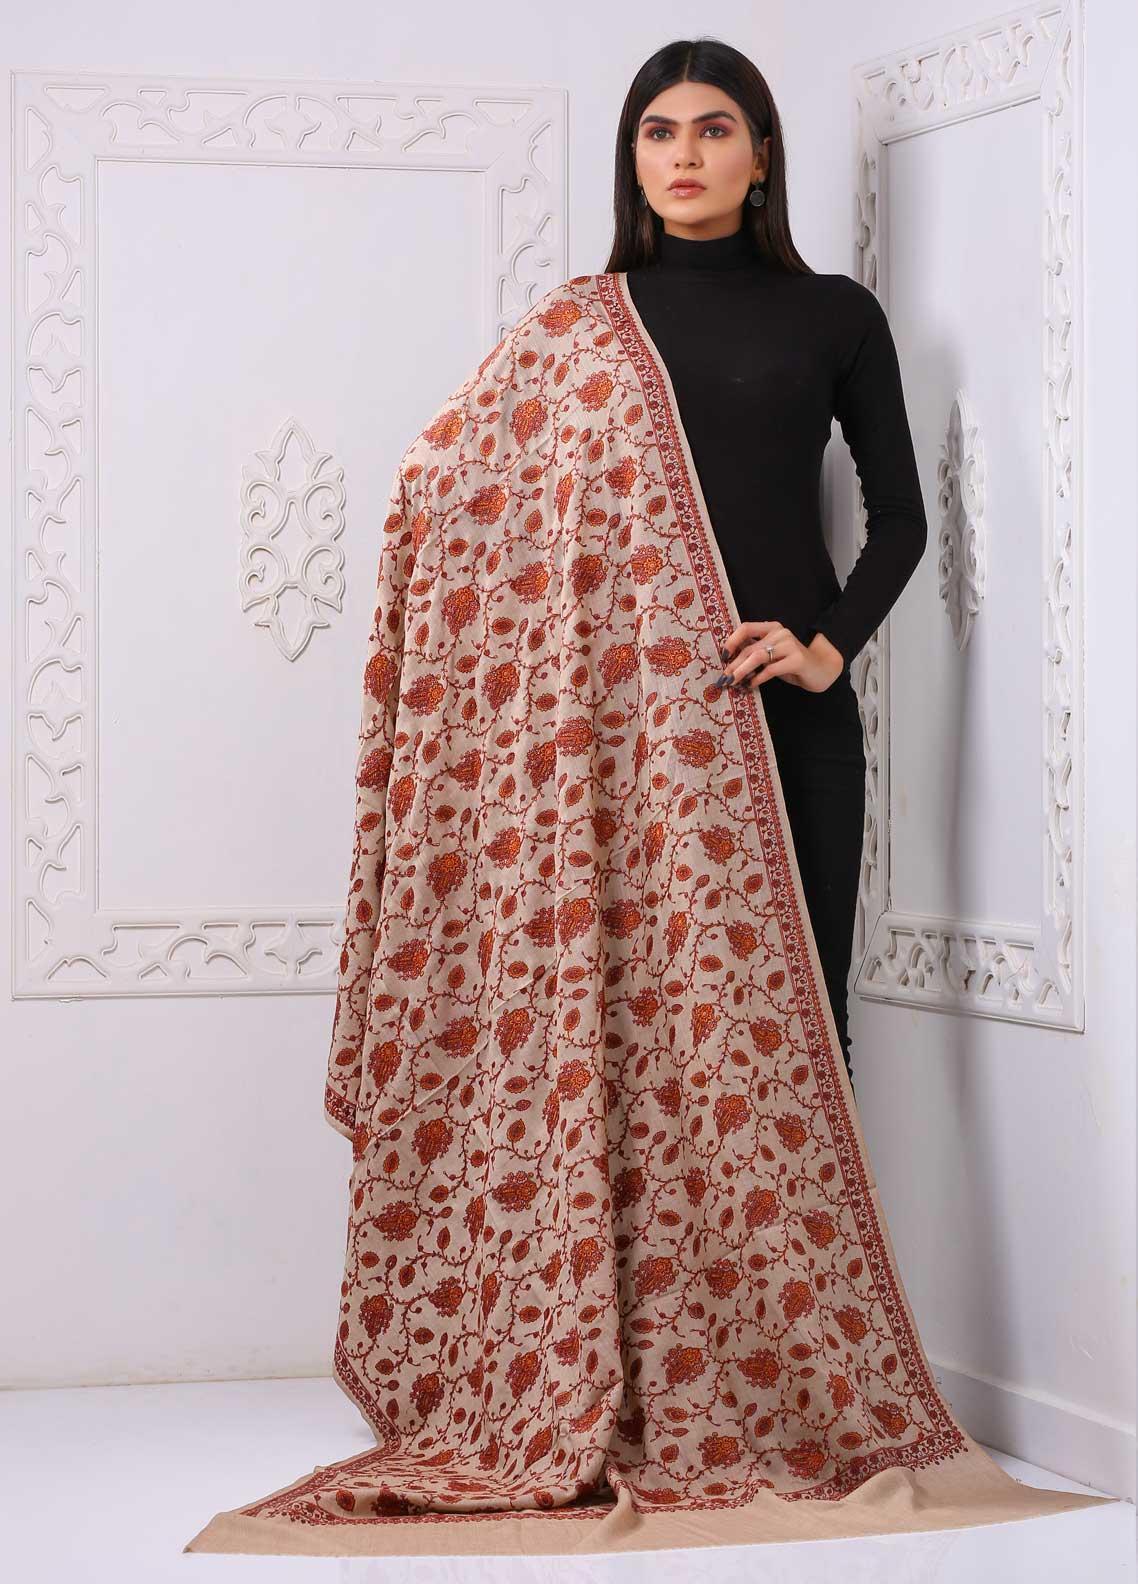 Sanaulla Exclusive Range Embroidered Premium Pashmina  Shawl PRMSH 323881 - Premium Pashmina Shawls